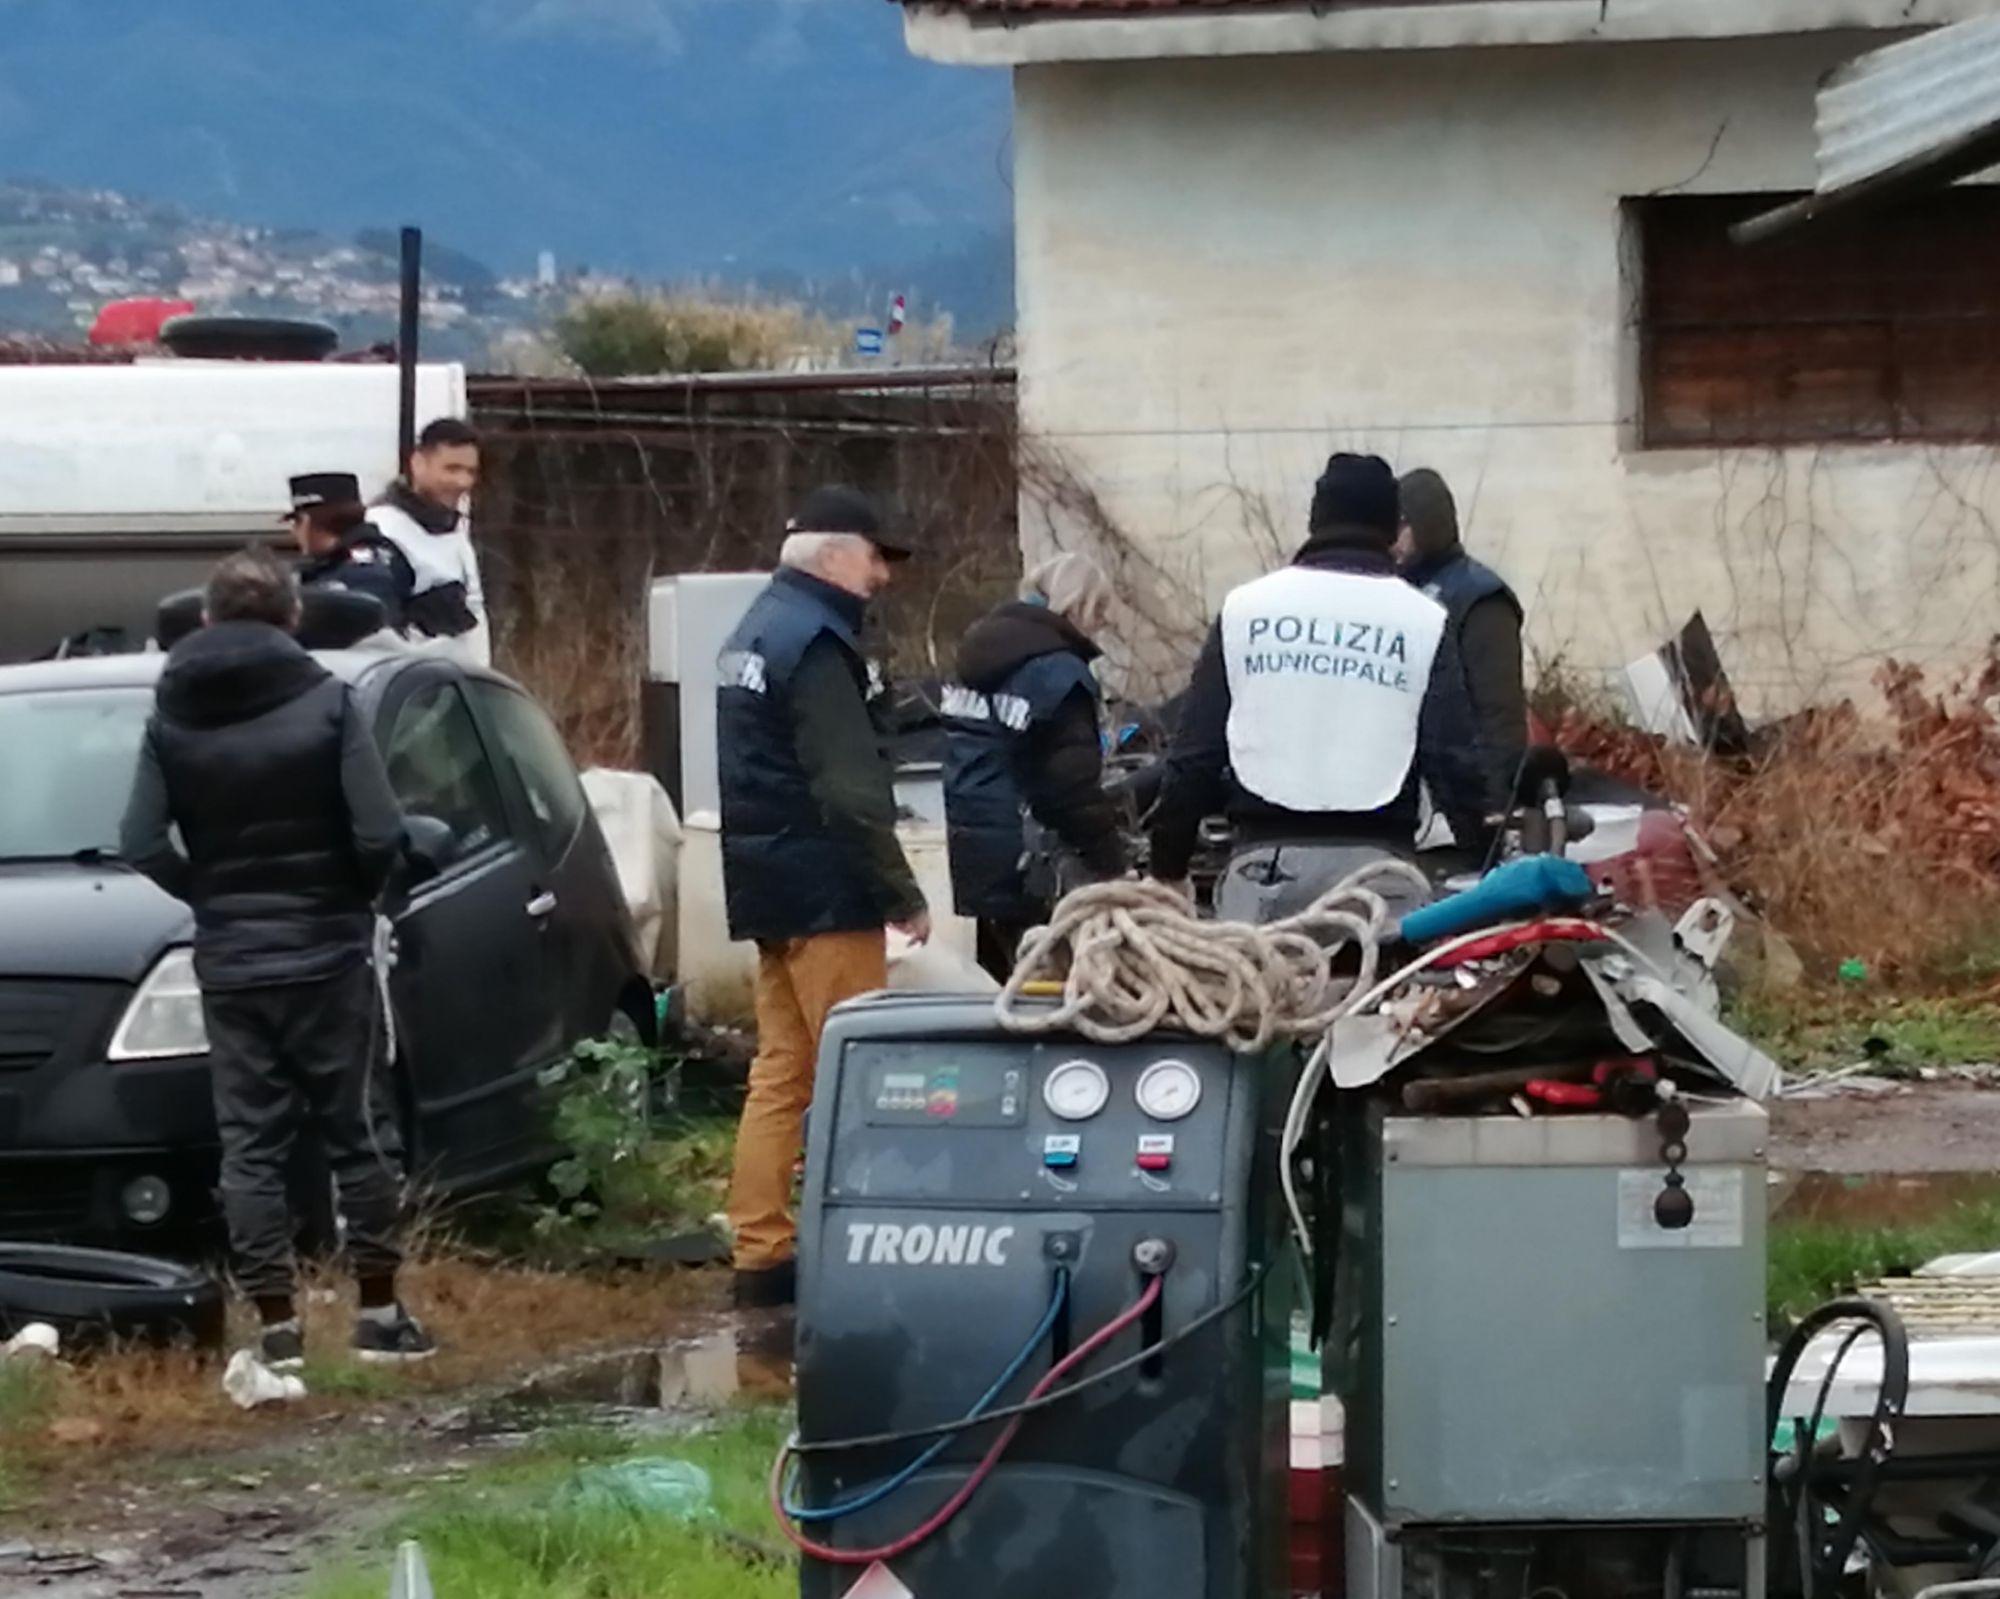 Discarica e autorottamazione abusive a Viareggio, scatta il sequestro